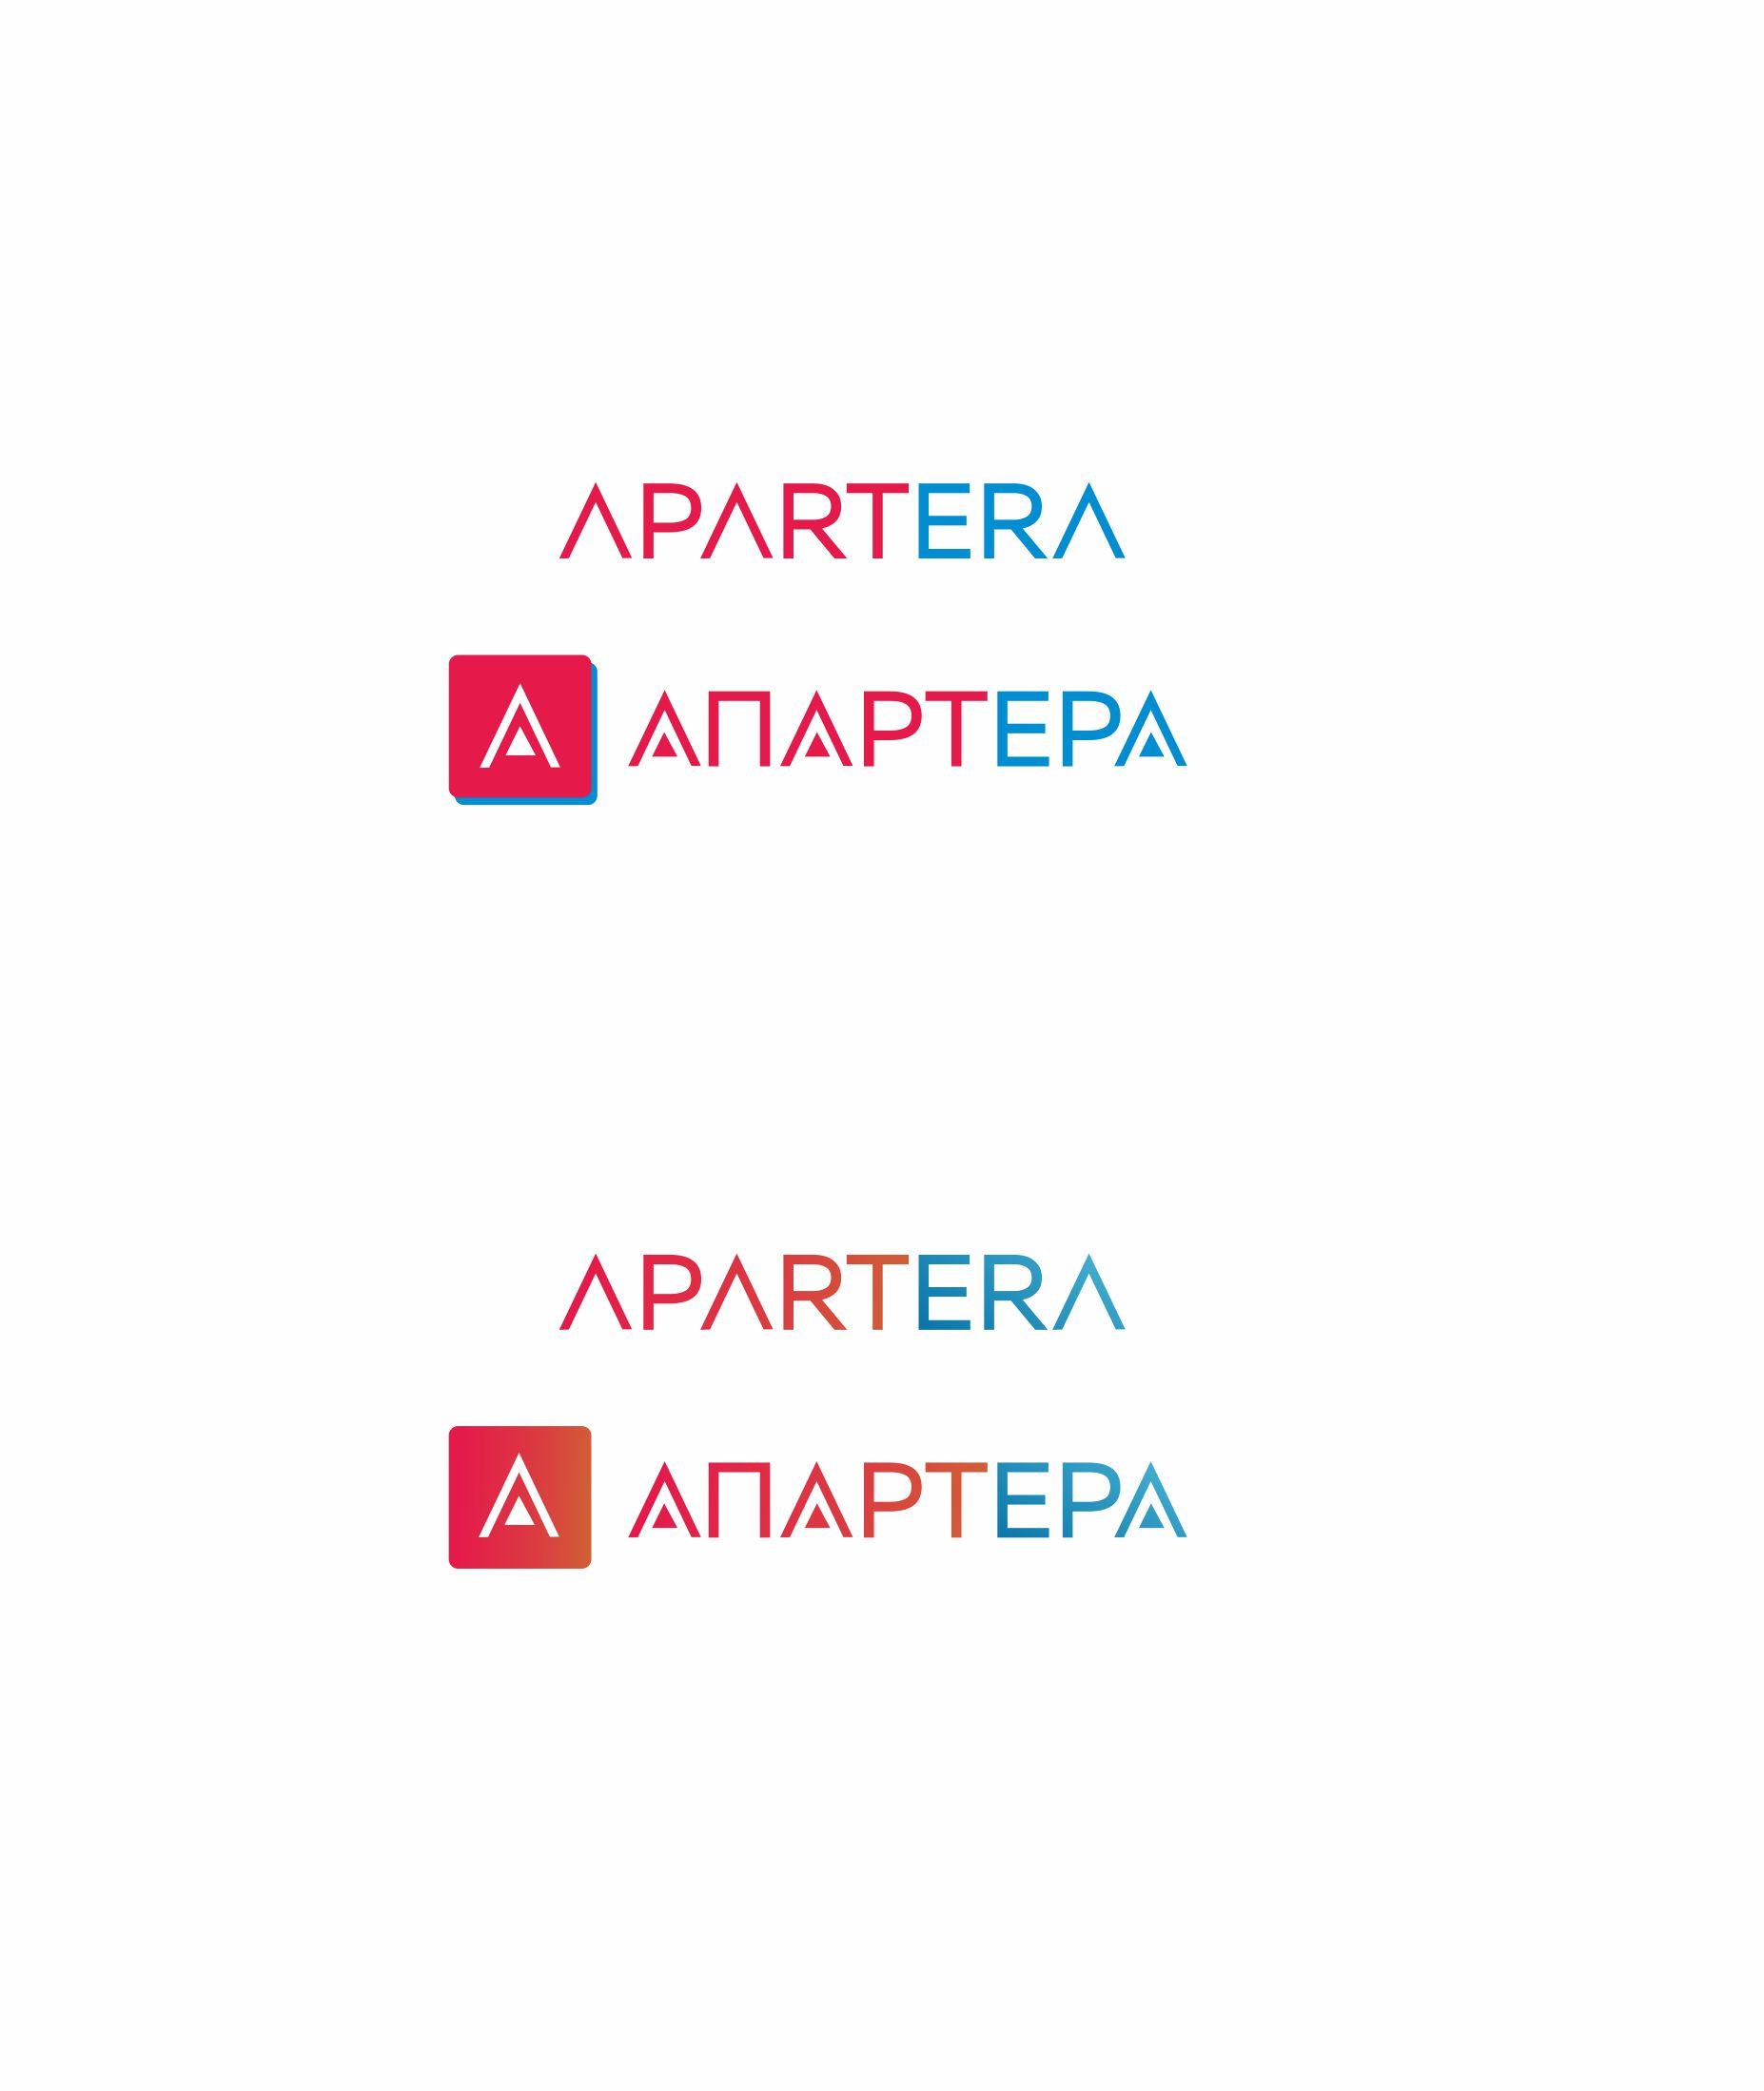 Логотип для управляющей компании  фото f_4355b7d2032085fd.jpg